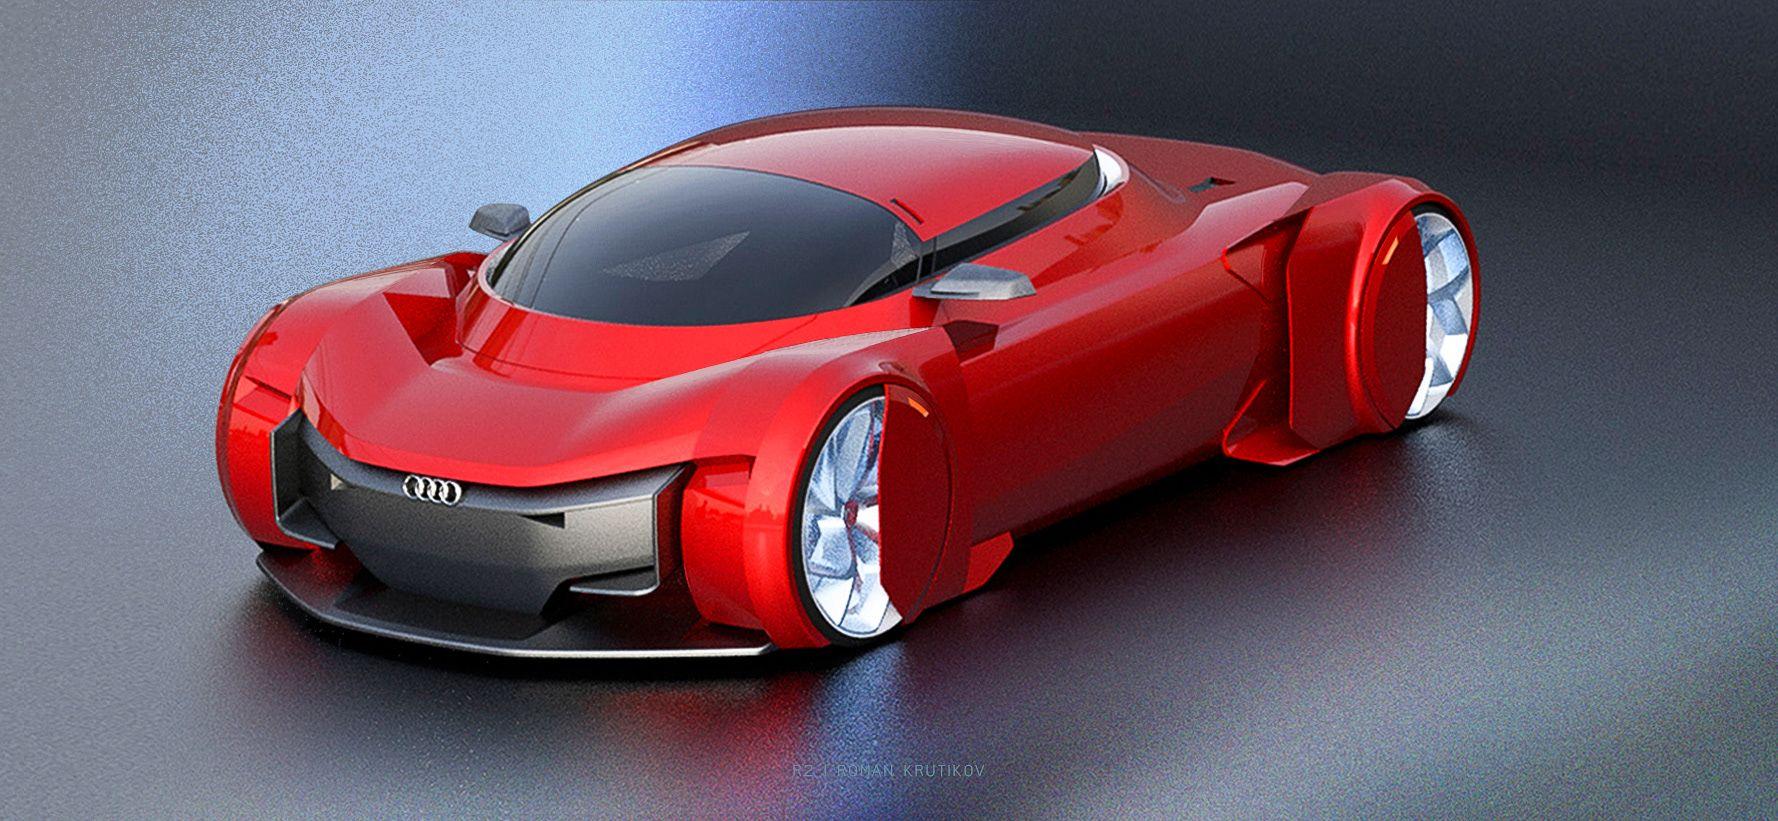 Kelebihan Kekurangan Audi R2 Spesifikasi